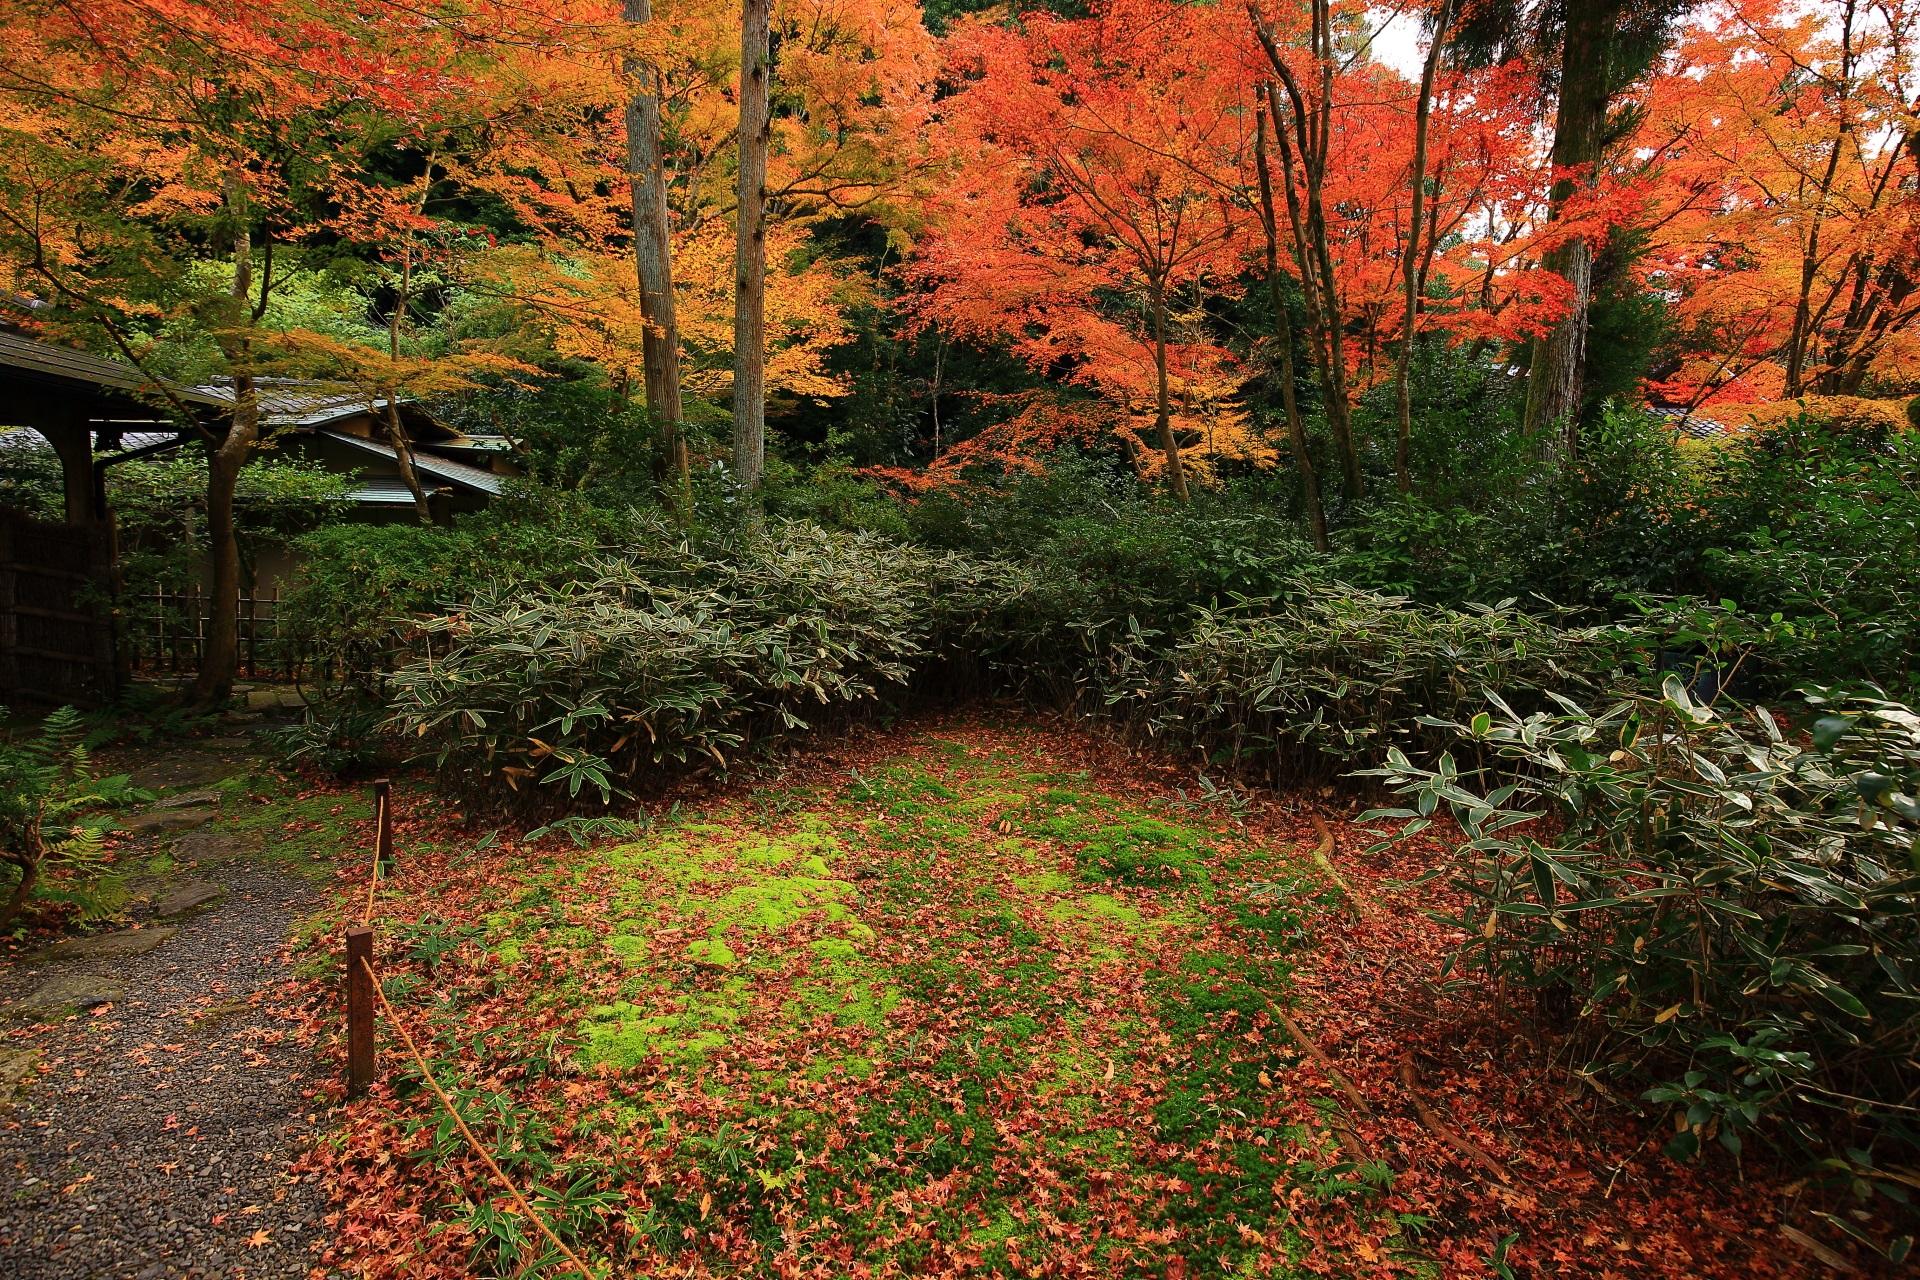 来迎院の含翆庭の散り紅葉